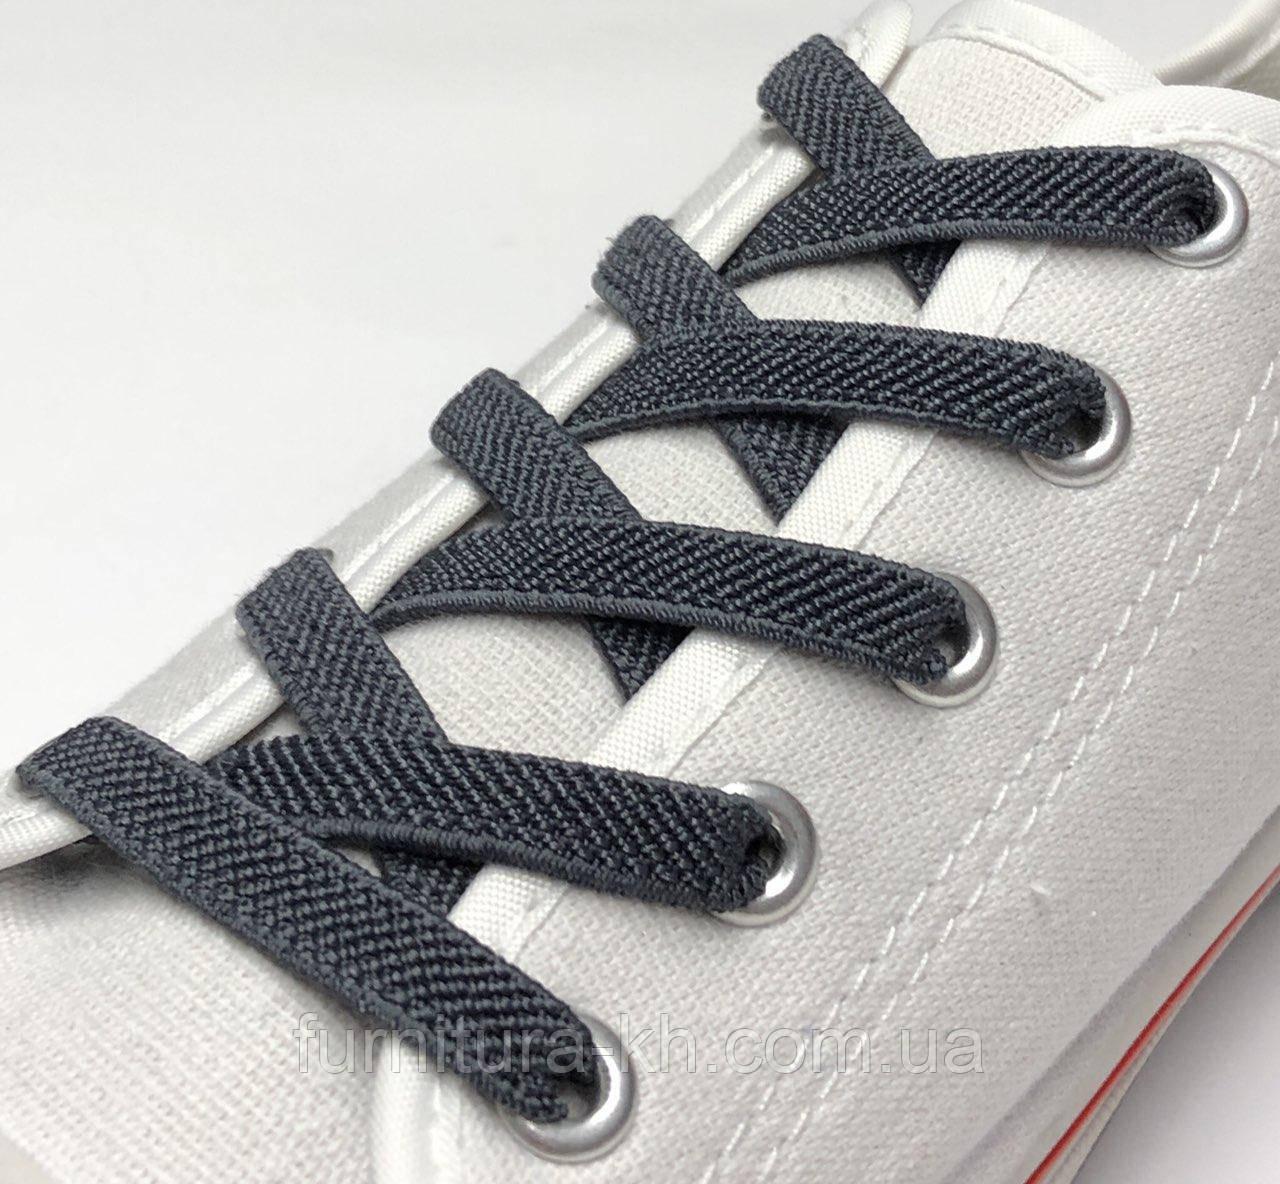 Шнурок Резиновый Плоский-Цвет Темно Серый (толщина 7 мм).Длинна 0,70 см